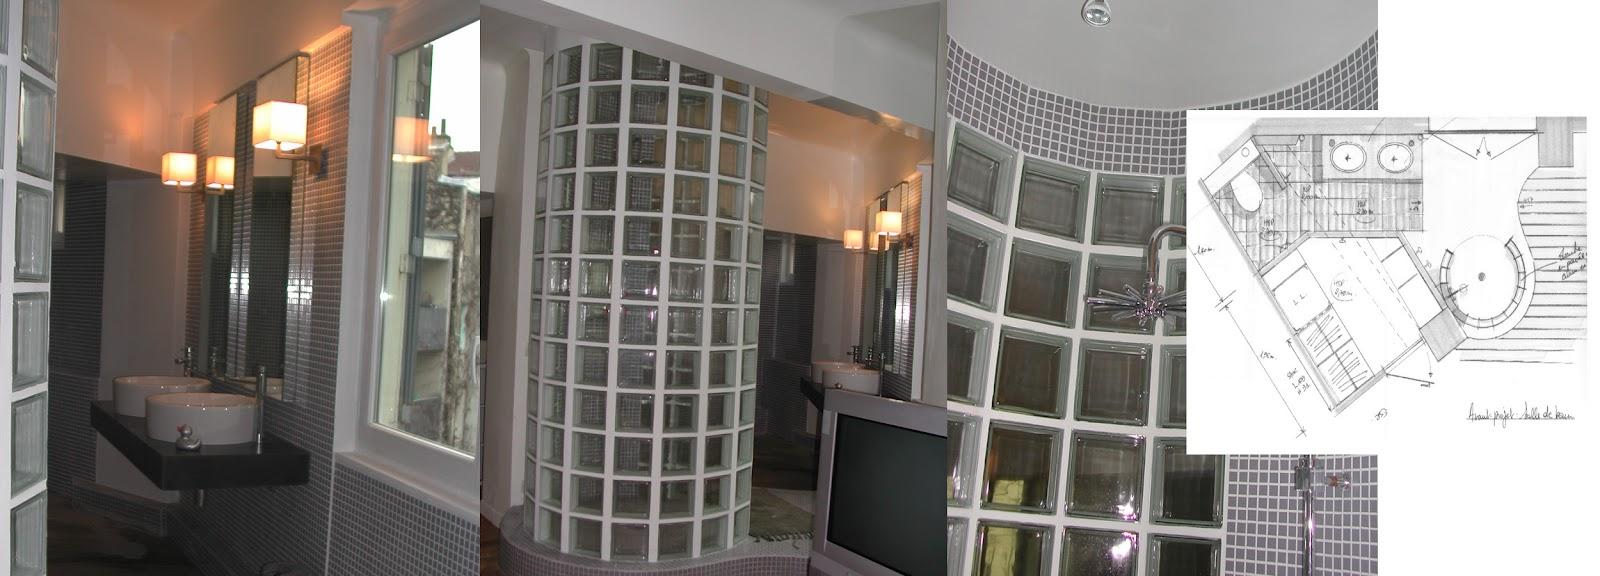 sous compteur electrique pour pac devis tous travaux dijon soci t weps. Black Bedroom Furniture Sets. Home Design Ideas